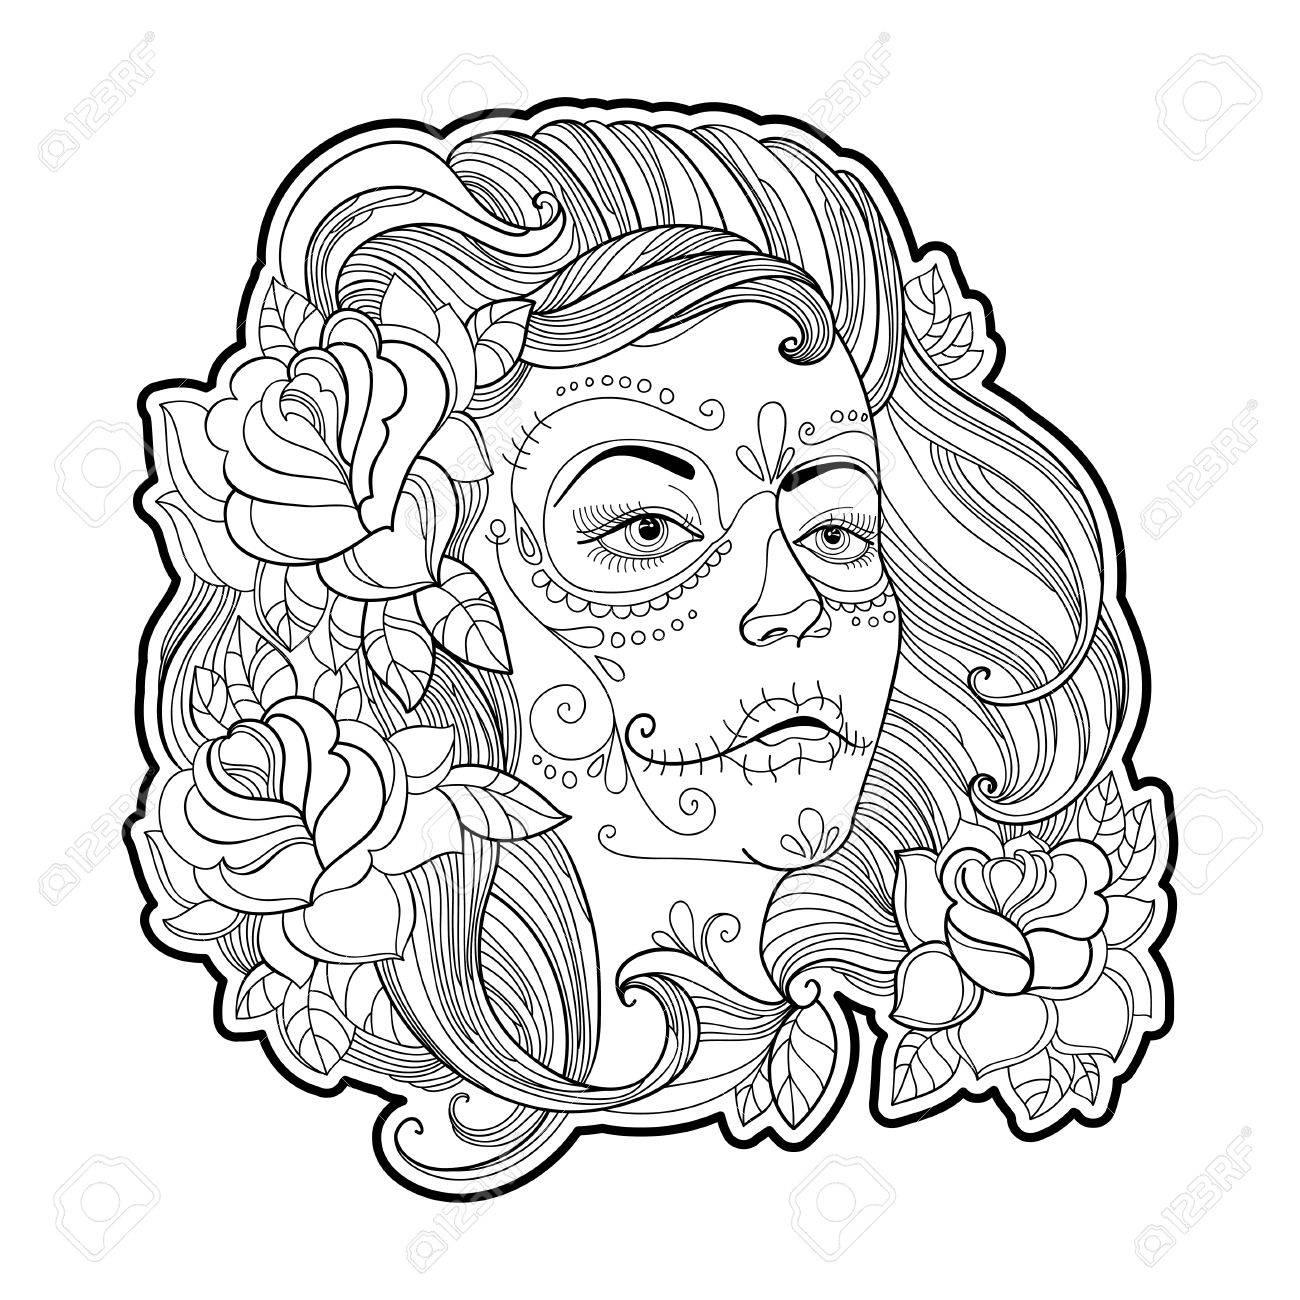 Girl Face With Sugar Skull Or Calavera Catrina Makeup And Roses